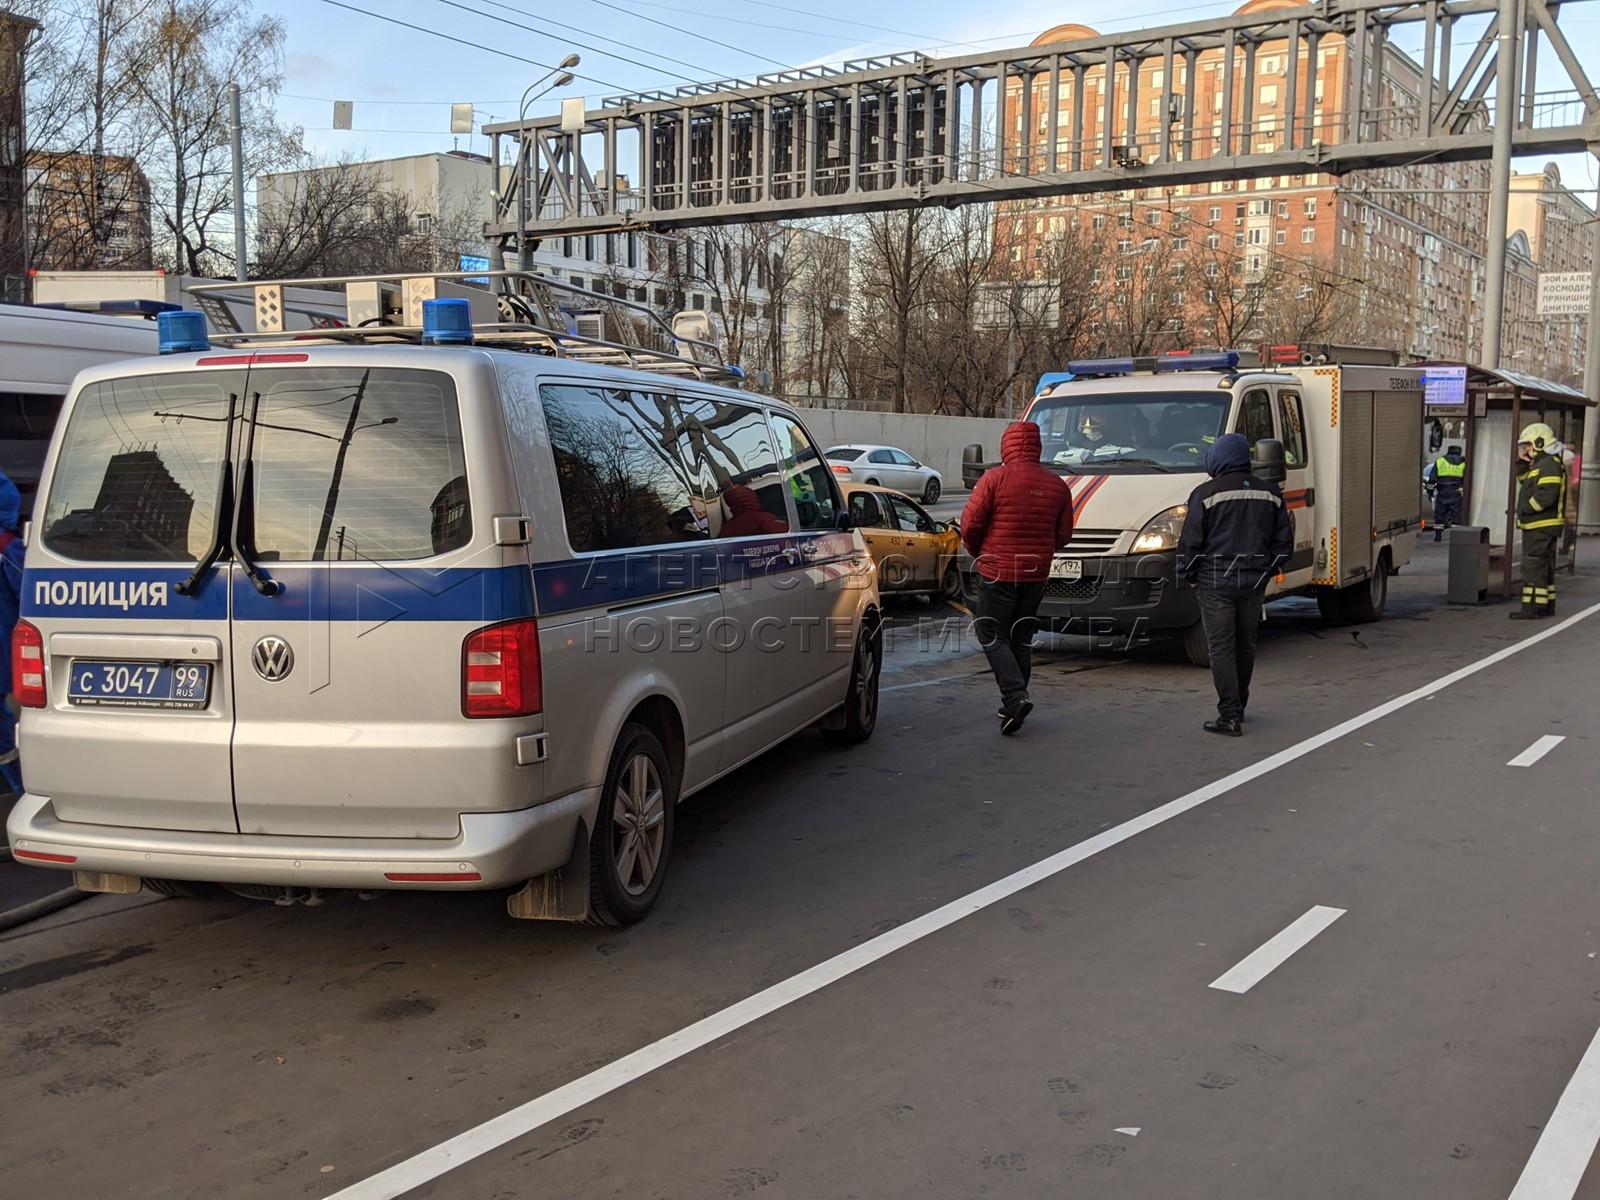 Последствия ДТП с участием автомобиля такси и рейсового автобуса на ул. Большая Академическая.